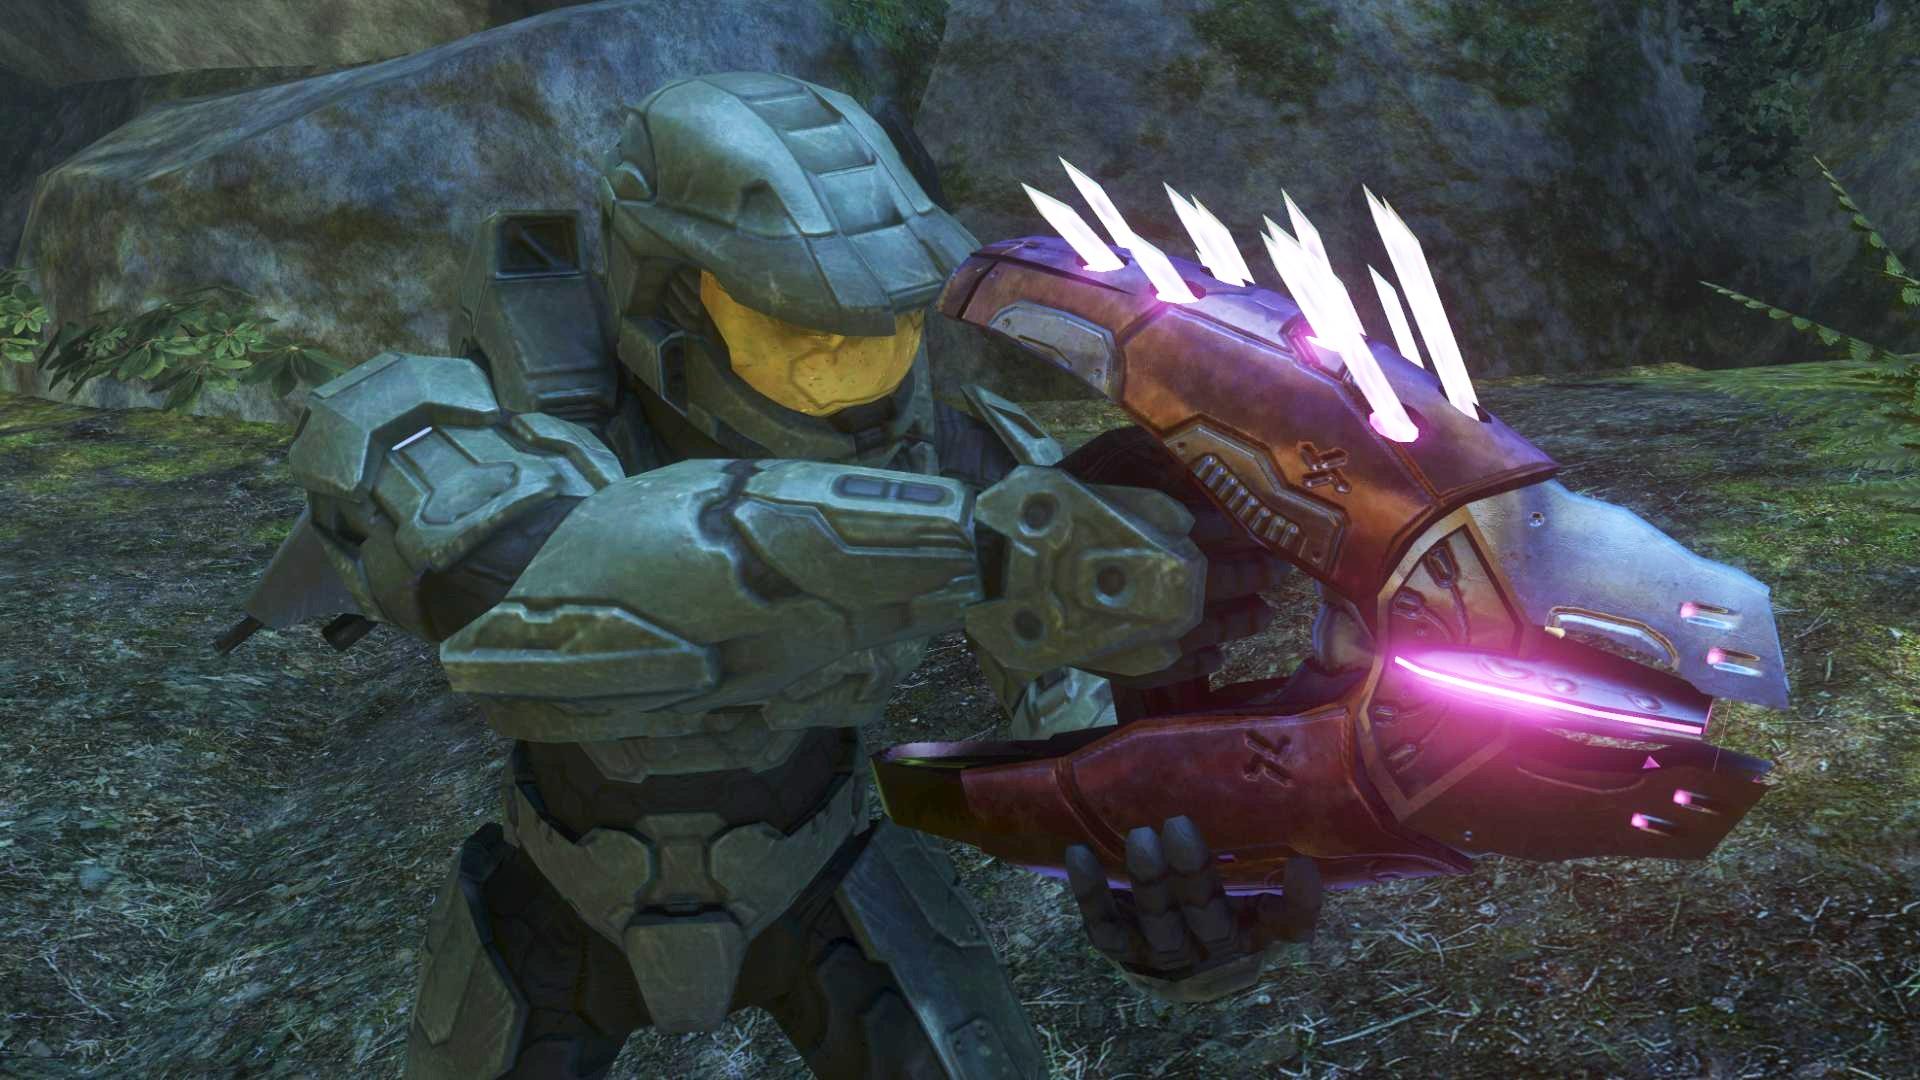 1520619667 86d06ba5fc o Halo 3: Spikes